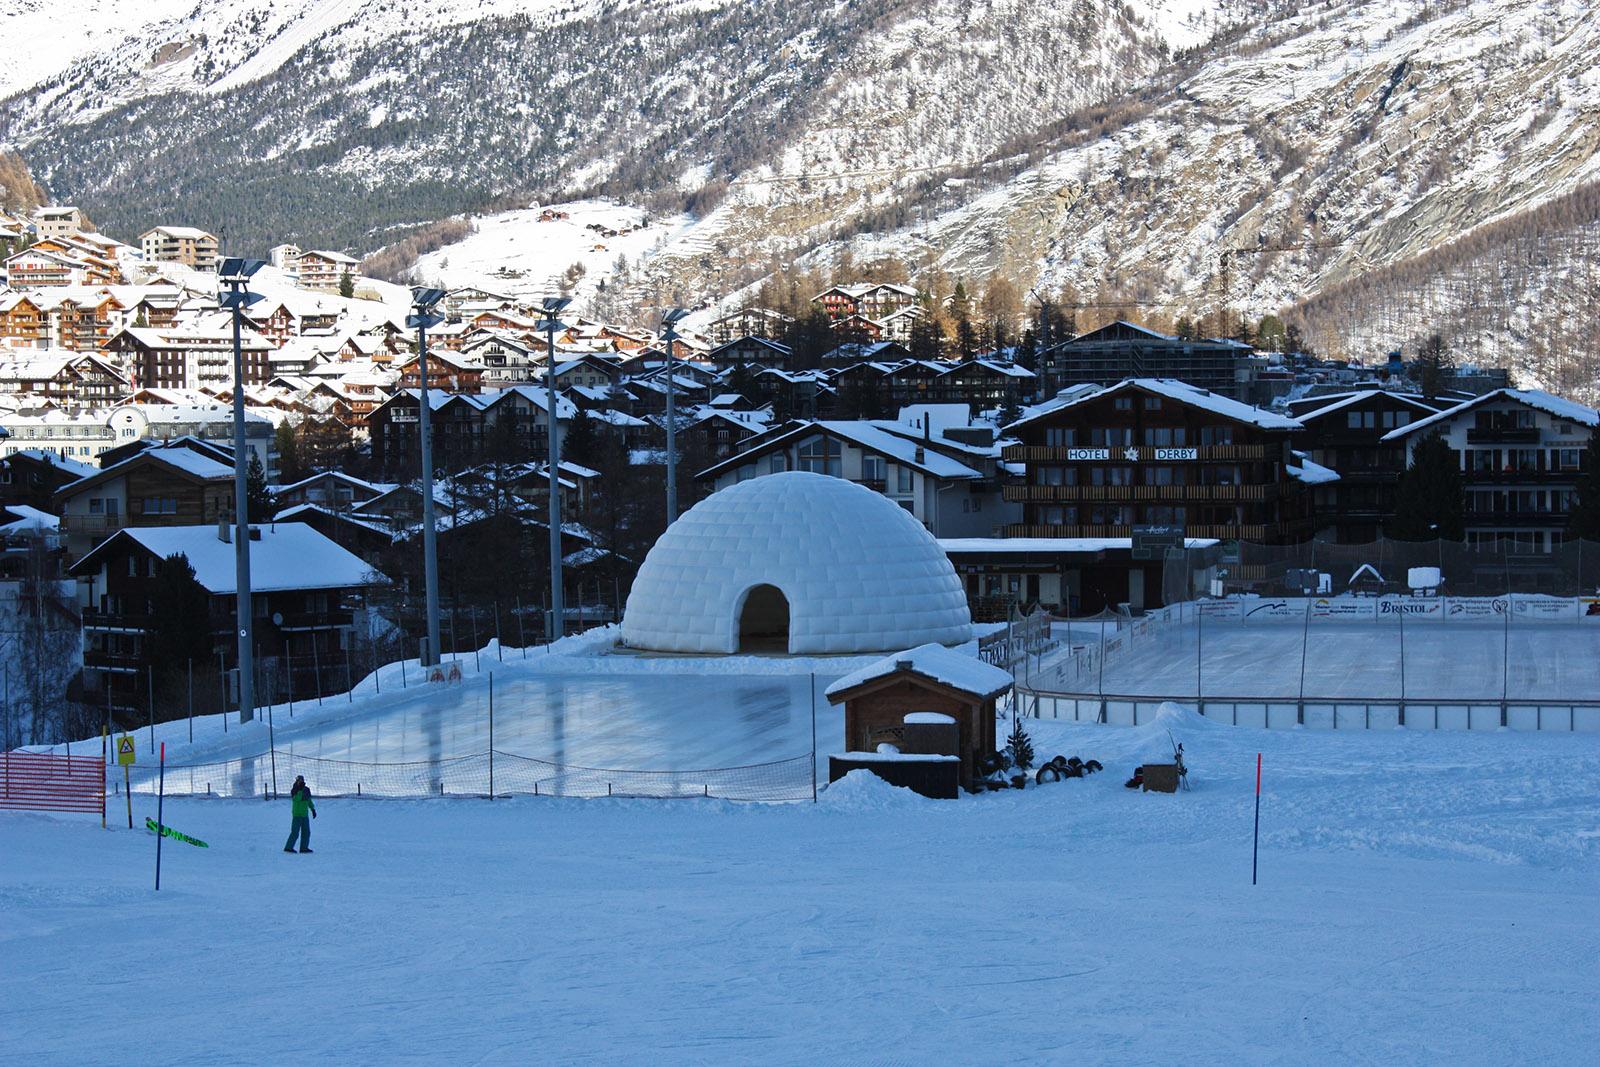 Das aufblasbare Rieseniglu, Durchm. 13m, im Panorama